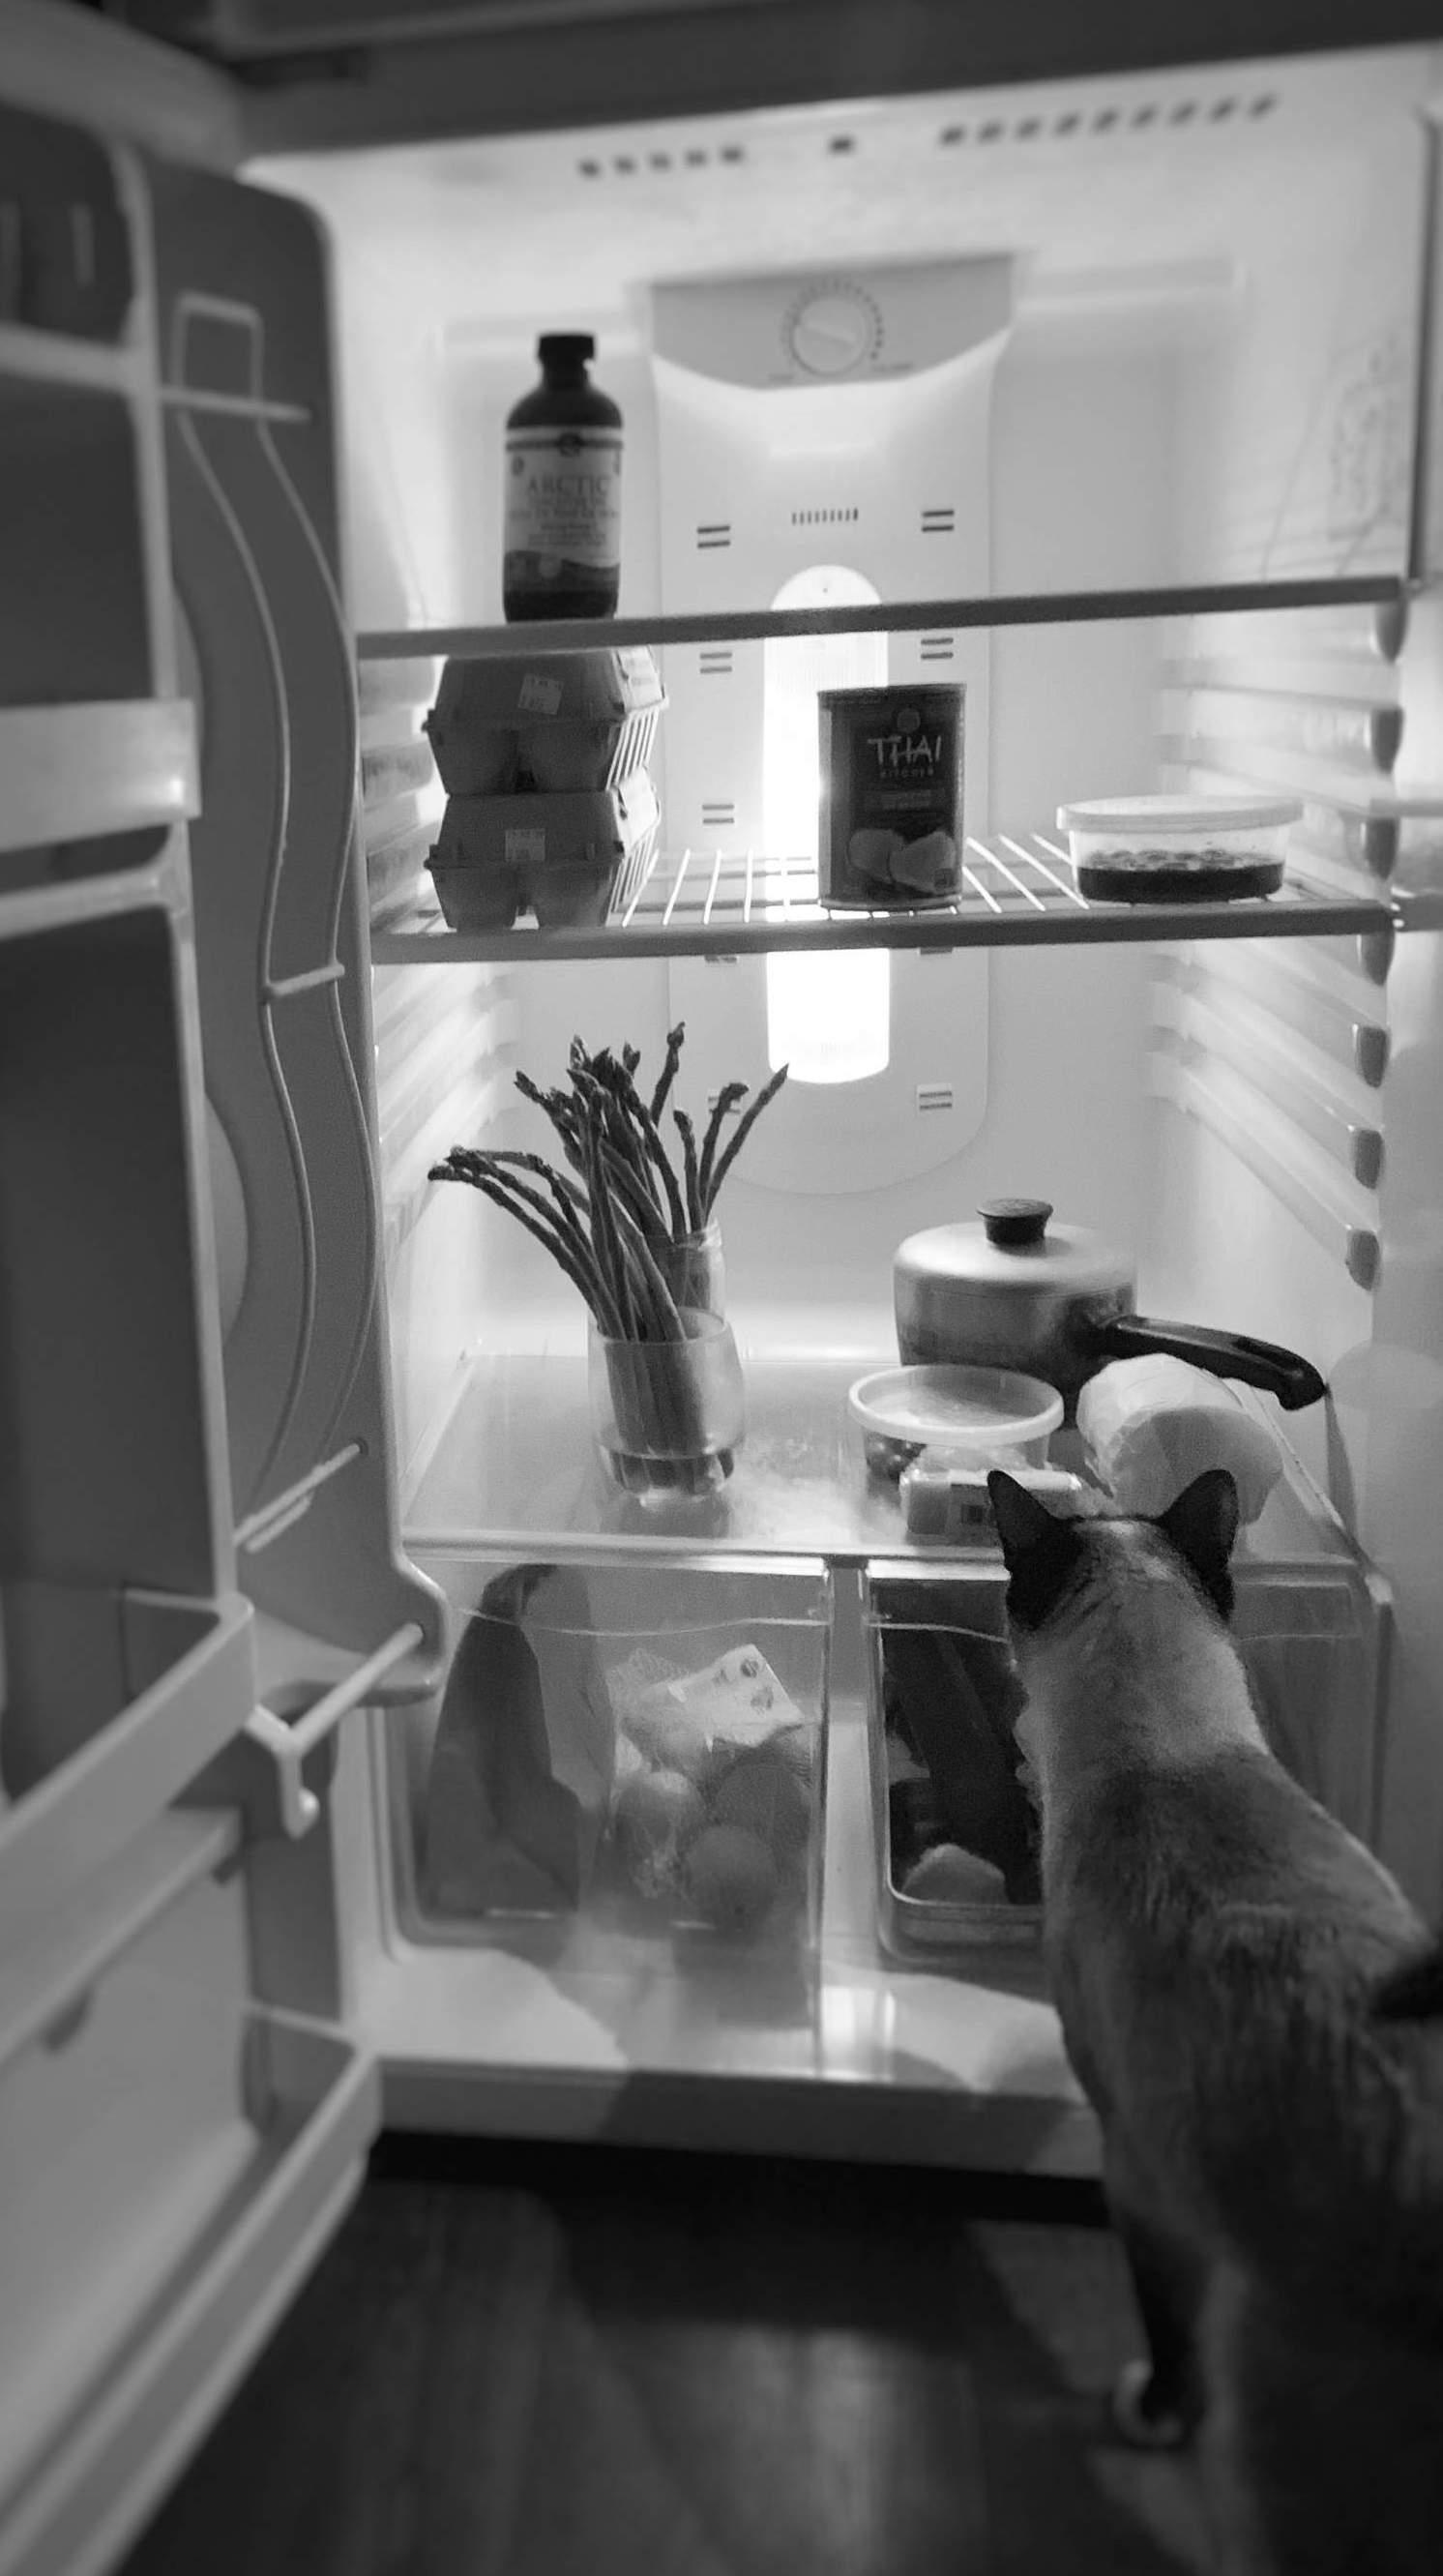 LingDao checks the fridge situation